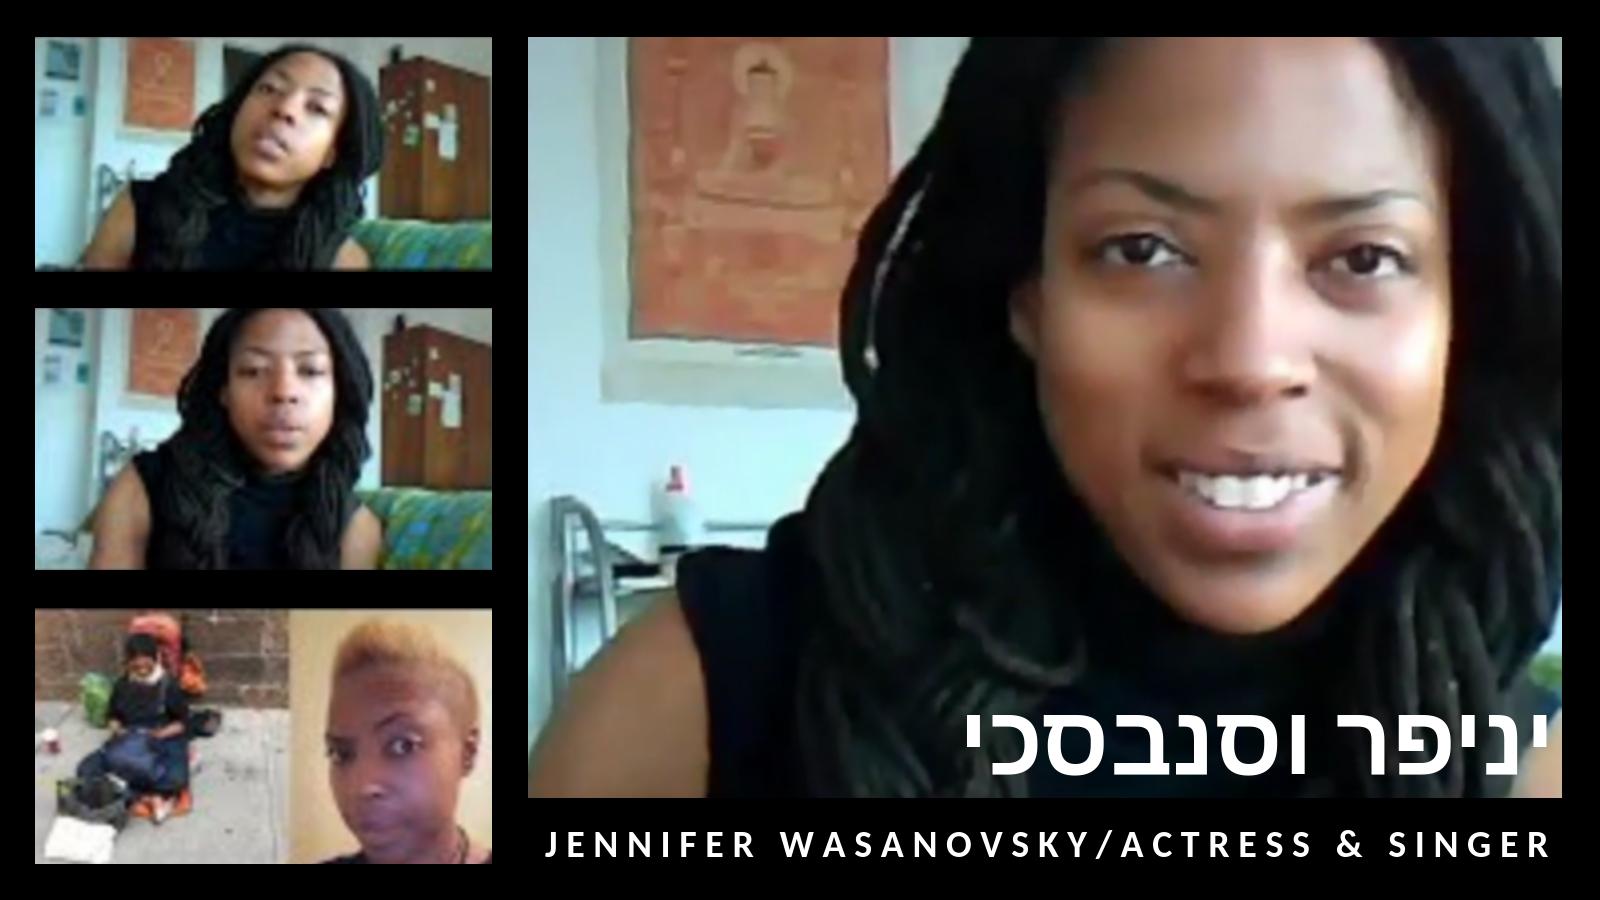 Jennifer Wasanovsky